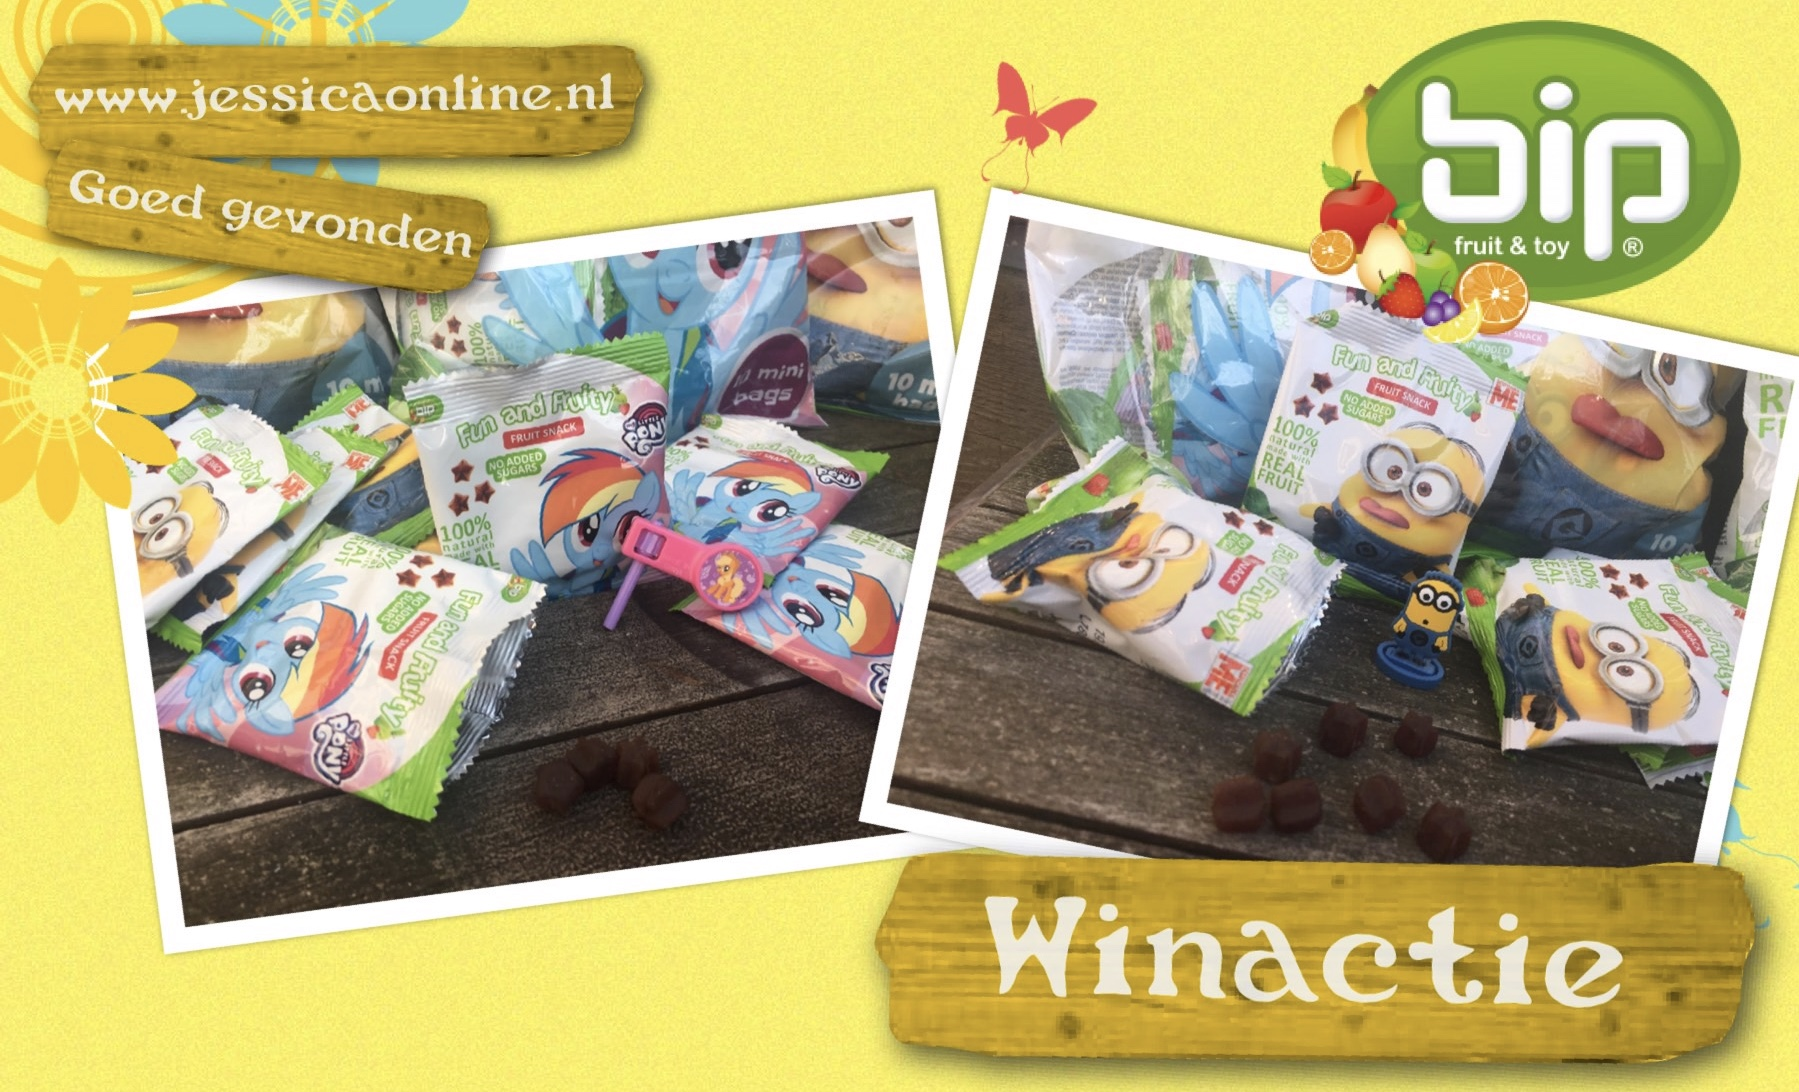 winactie BIP uitdeelpakket van minions en Unicorn